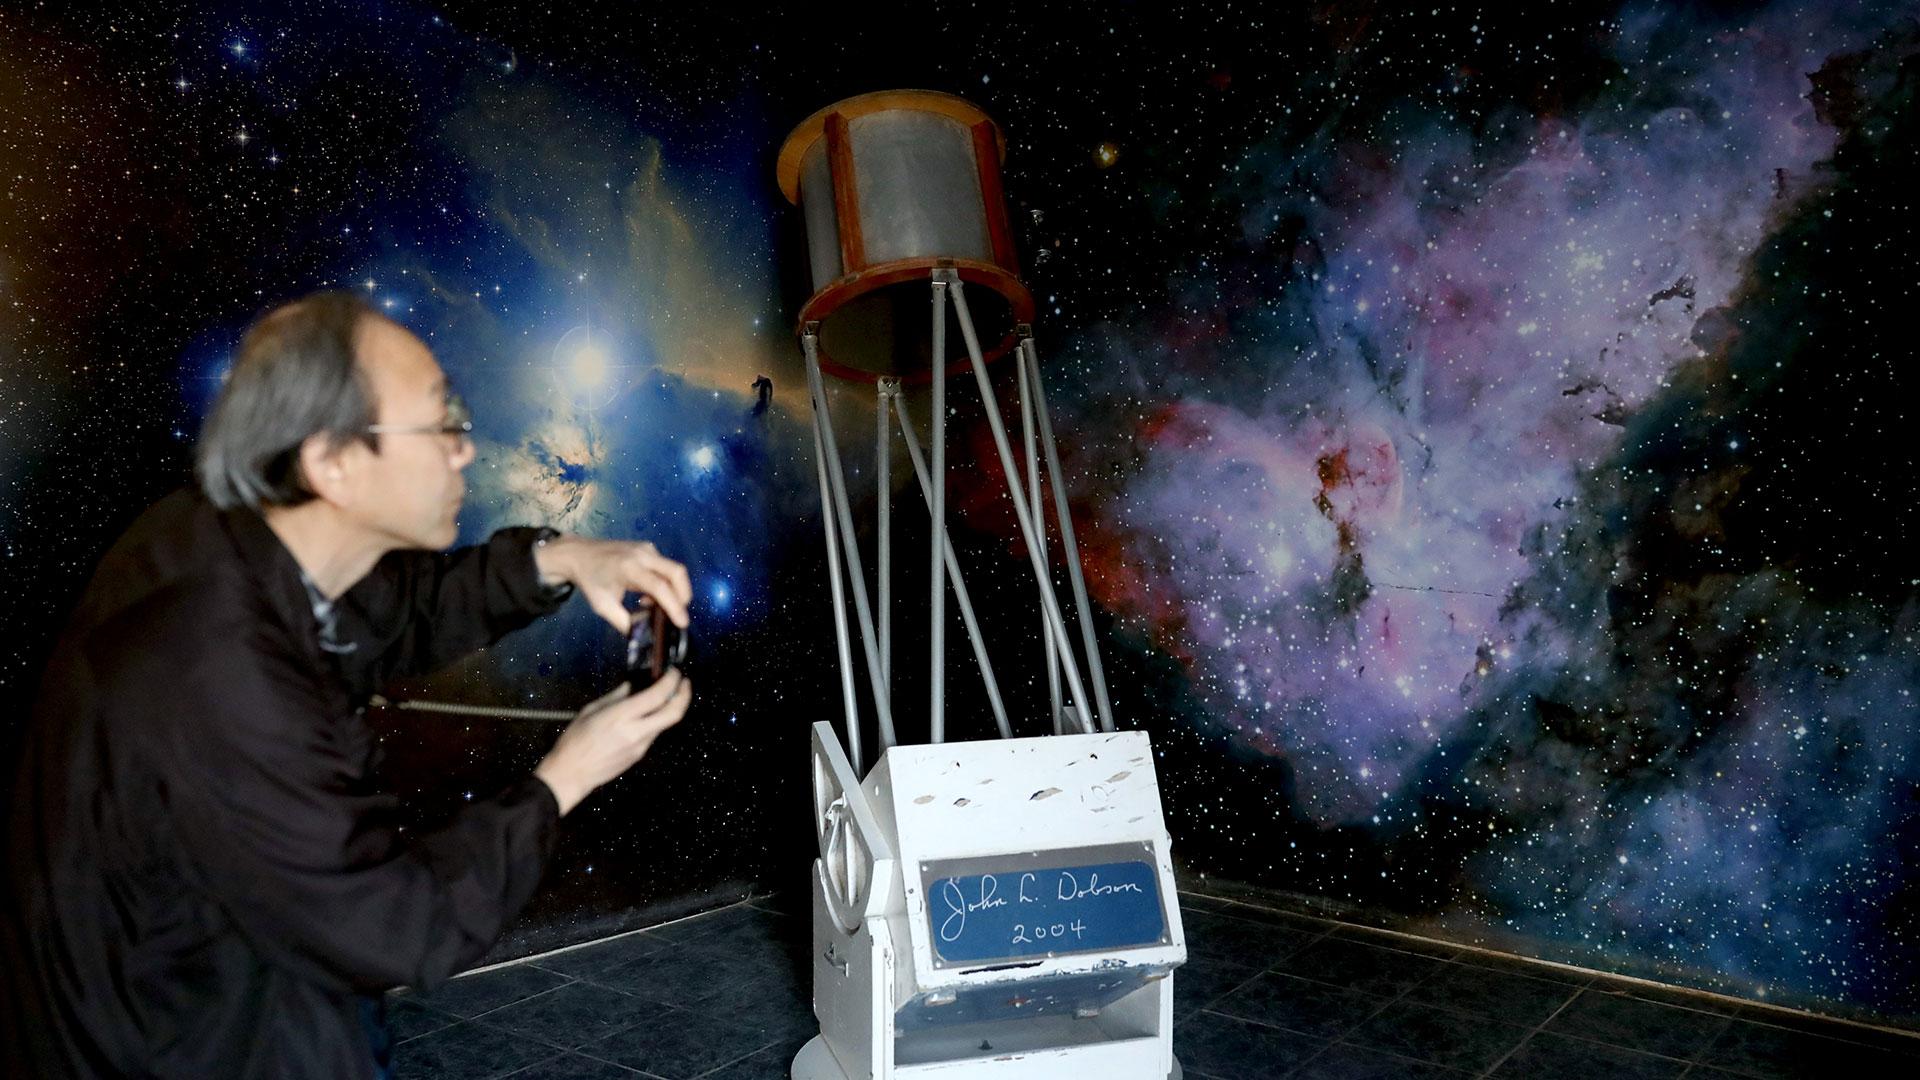 Un turista toma fotografías junto a un viejo telescopio en el Observatorio Mamalluca de Valle del Elqui (Reuters)